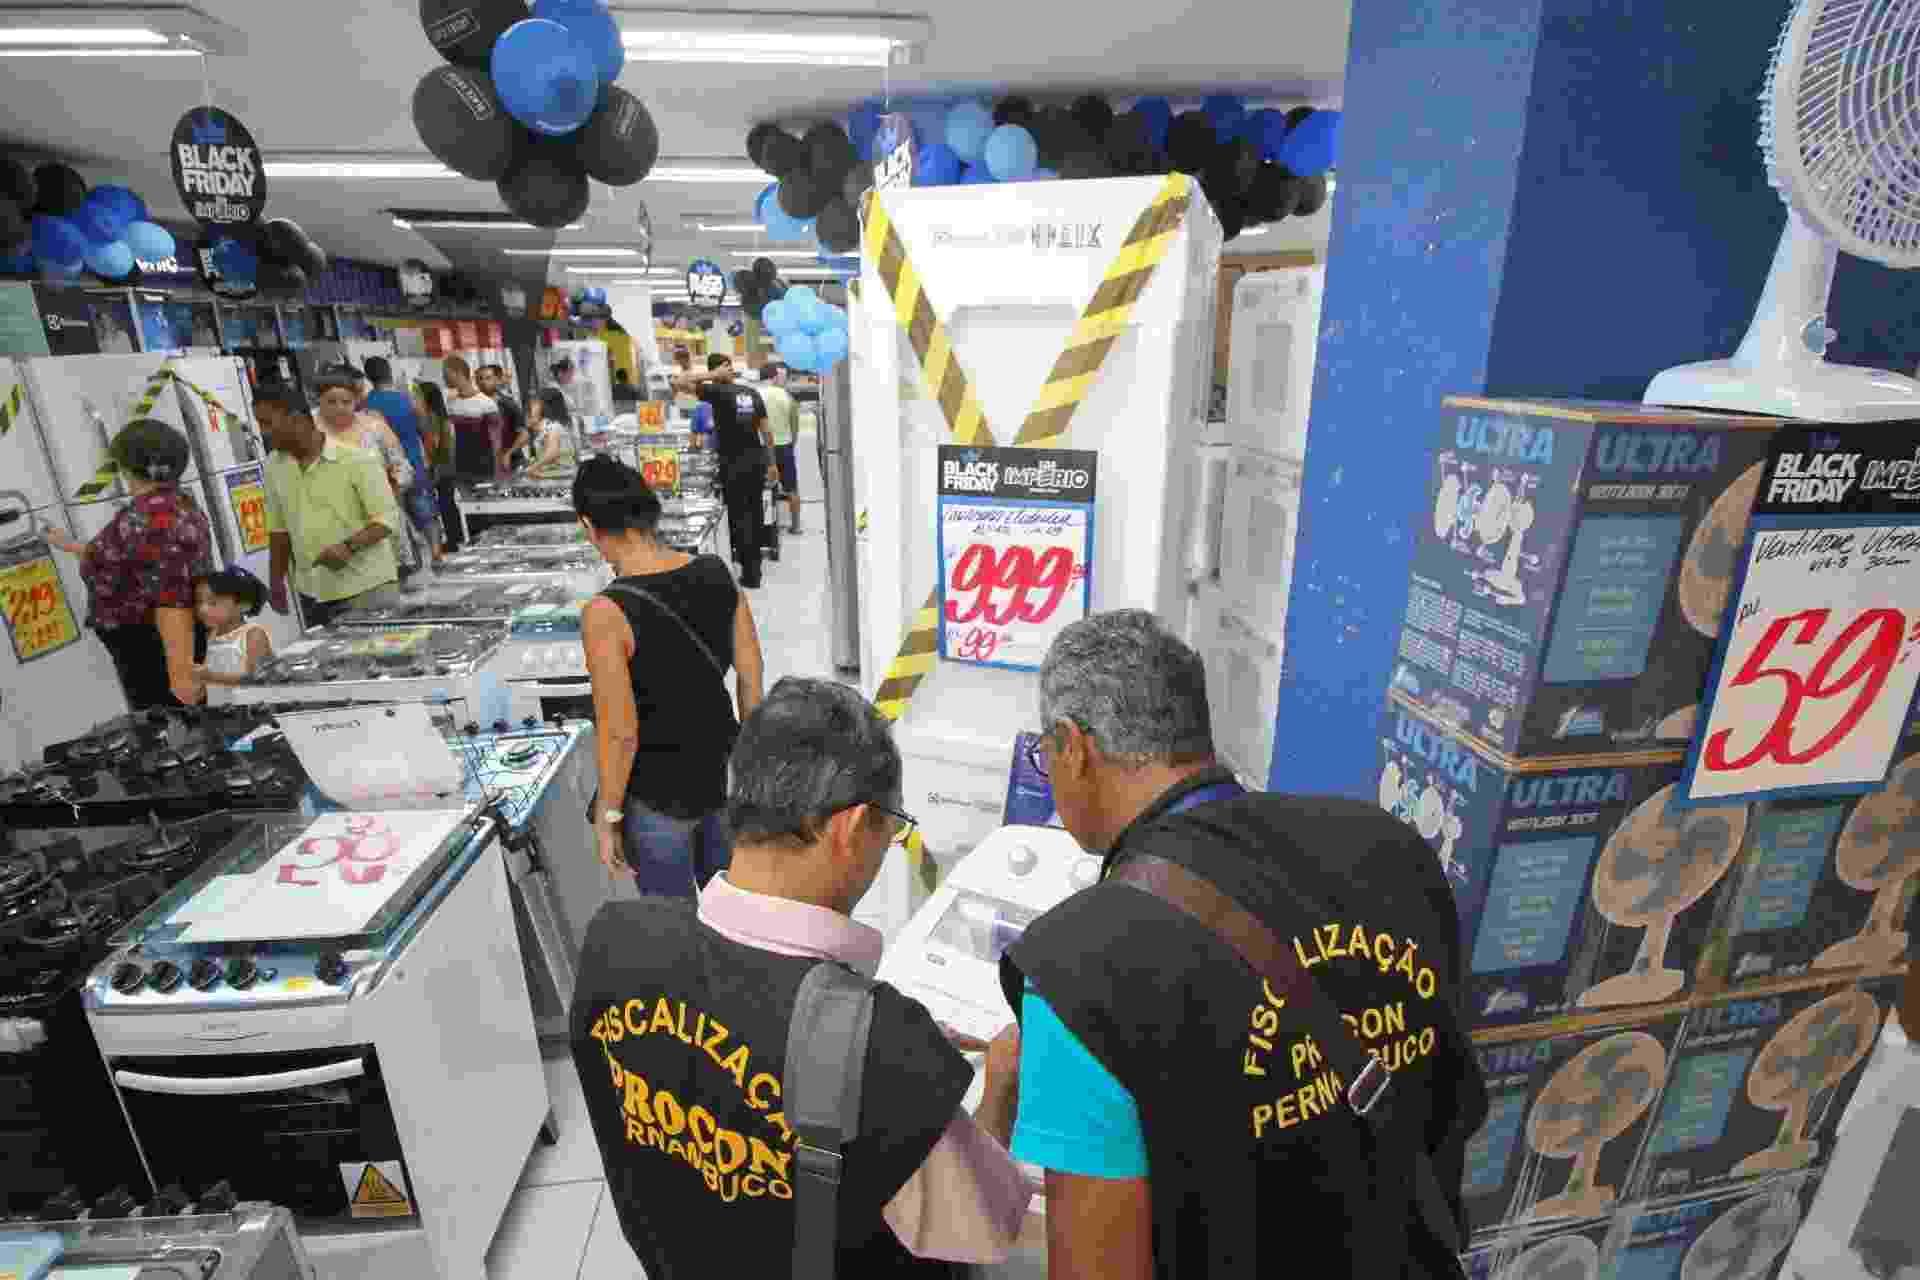 23.nov.2018 - Fiscais do Procon fazem fiscalização em lojas no centro de Recife durante a Black Friday nesta sexta-feira - Marlon Costa/Futura Press/Estadão Conteúdo